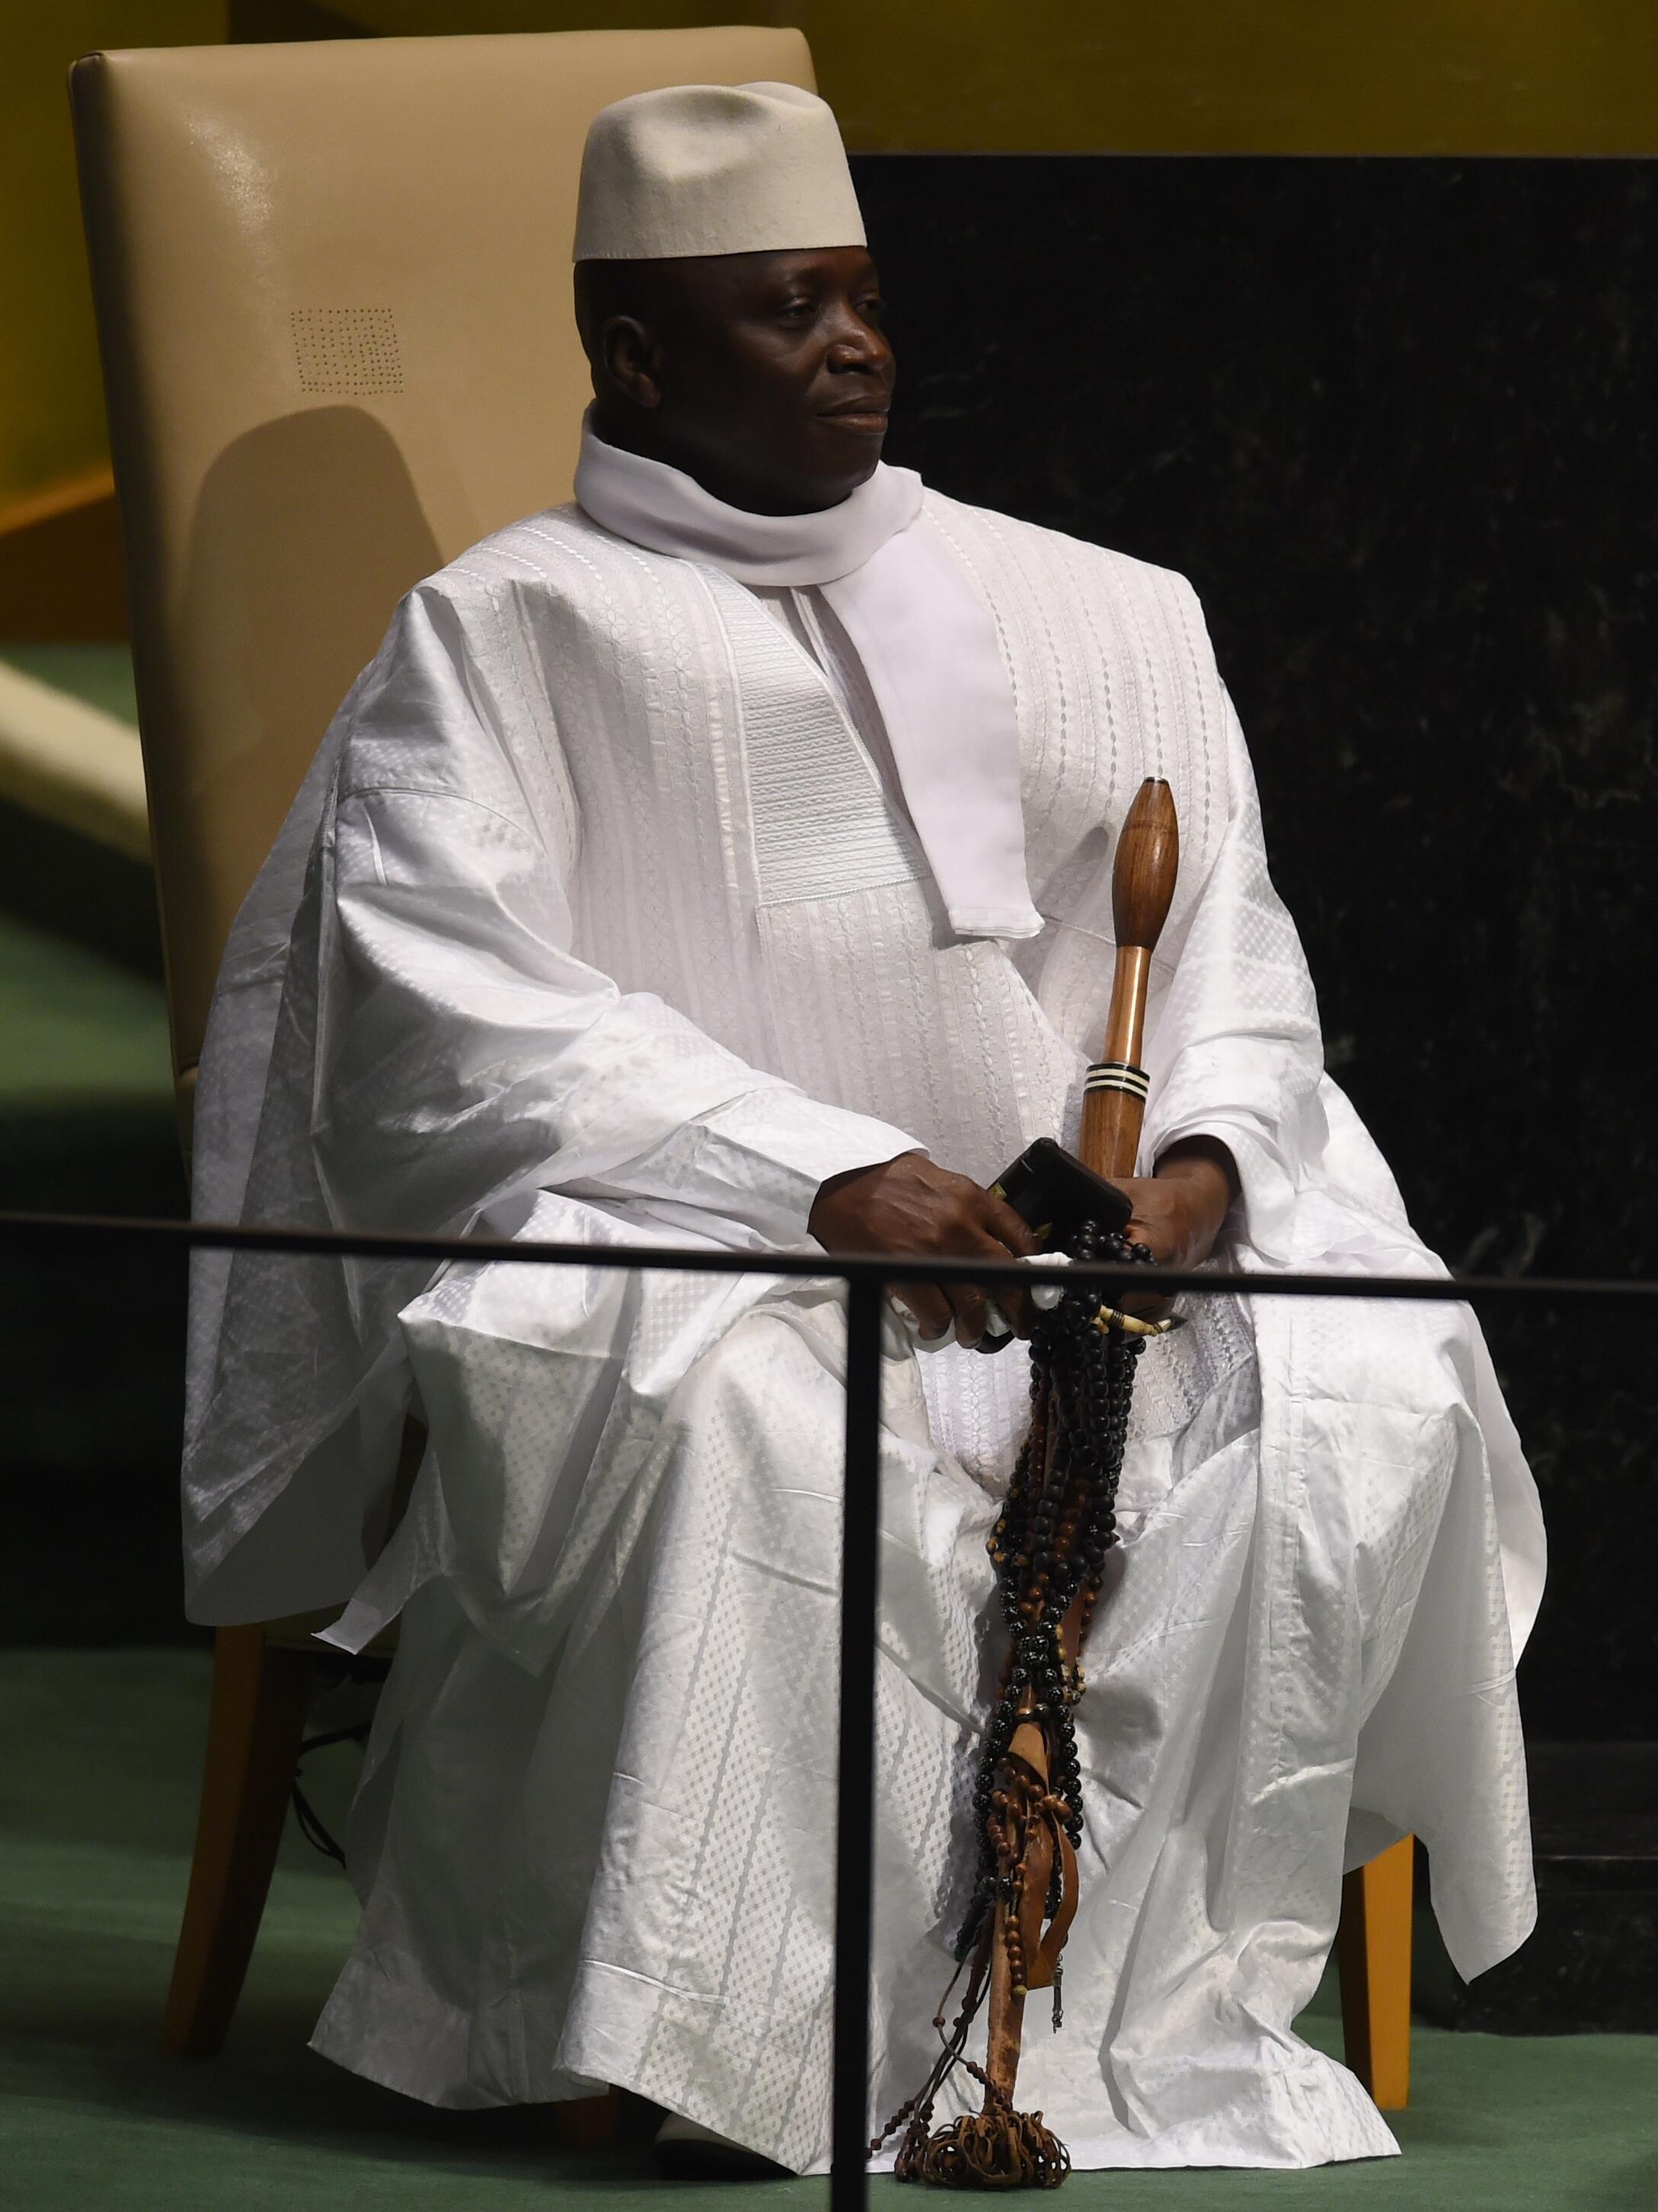 Le président gambien Yahya Jammeh, tout vêtu de blanc et son éternel calot sur la tête, à l'Assemblée générale de l'ONU, le 25 septembre 2014.